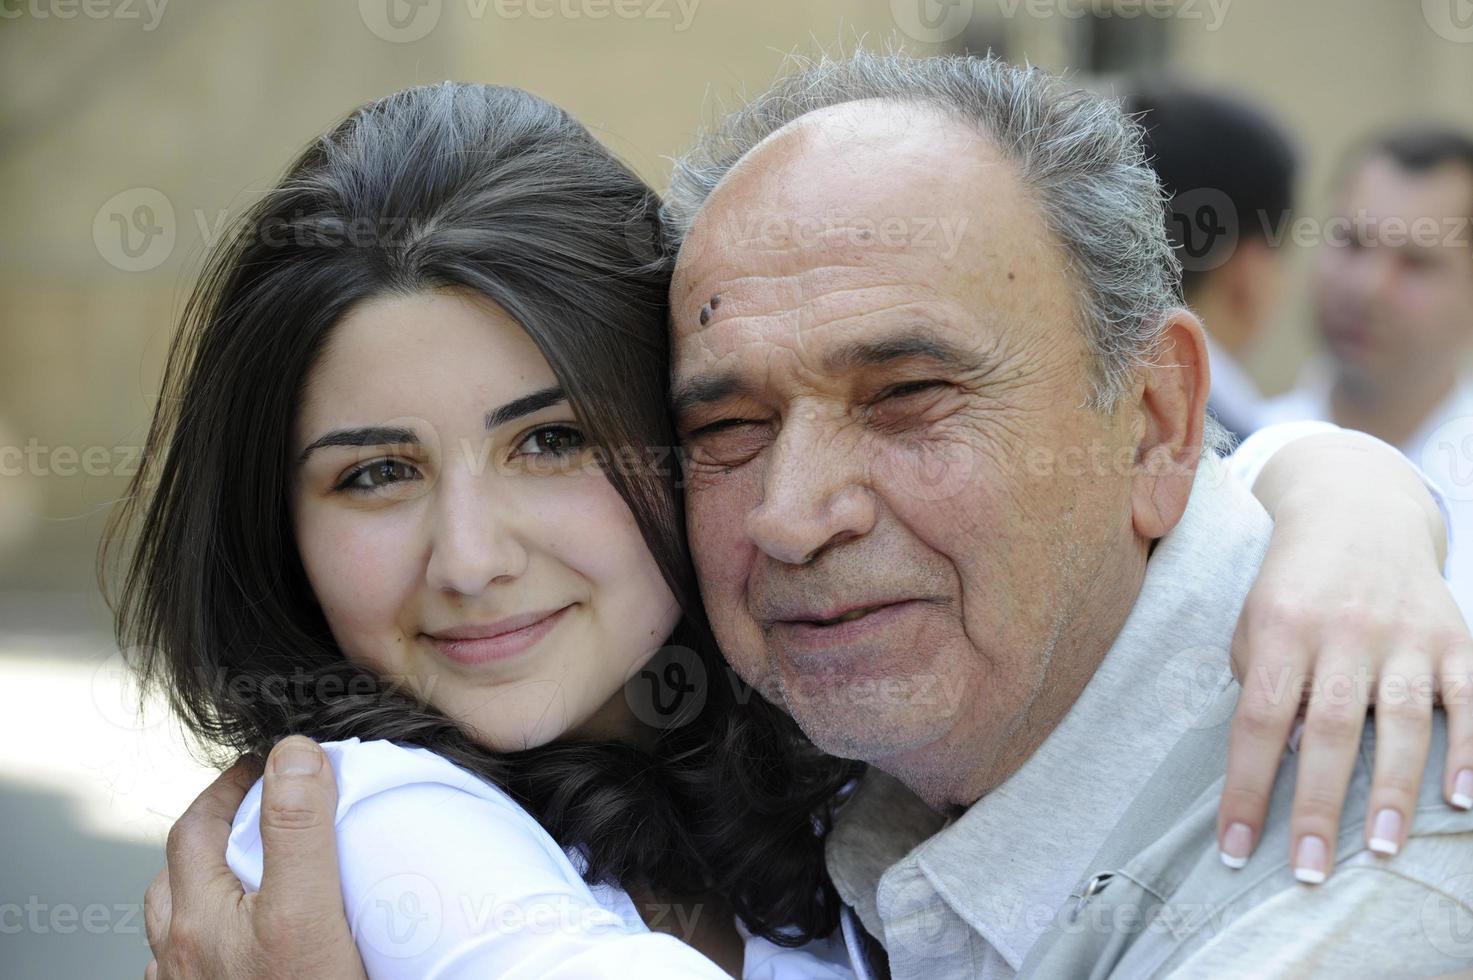 abbracciare e sorridere nonno con il nipote foto